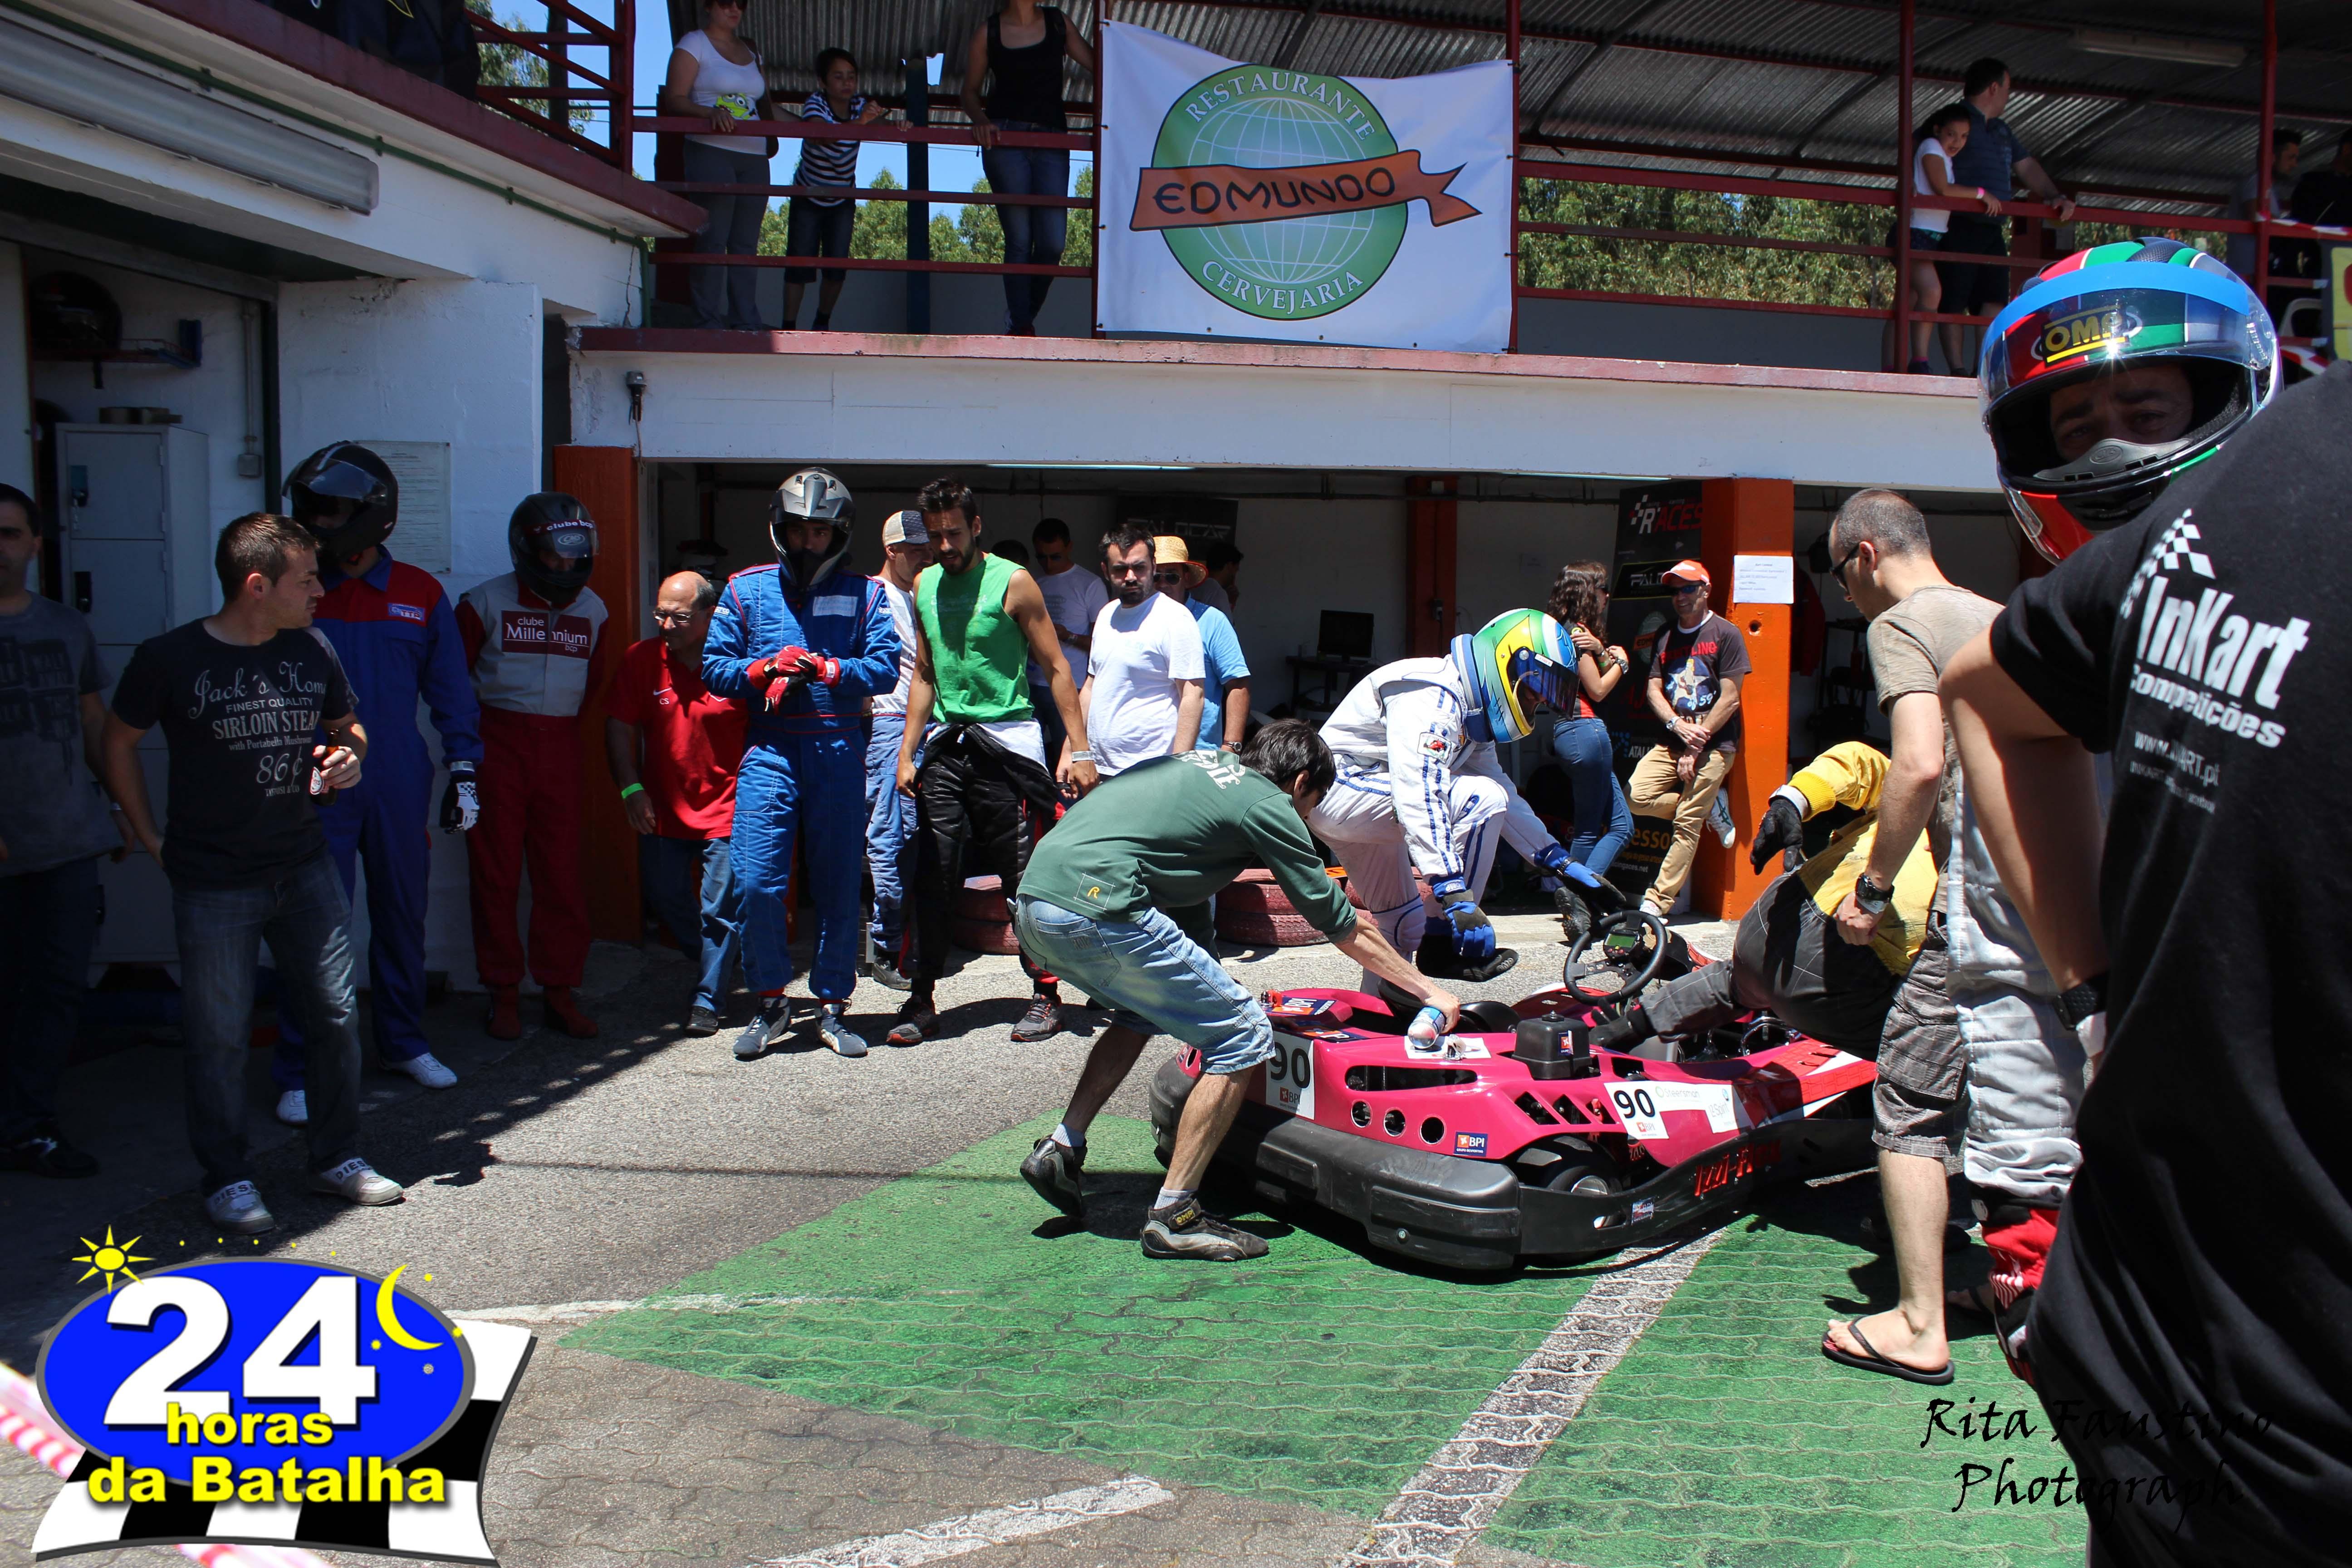 24 Horas da Batalha 2015 - Troca de pilotos96